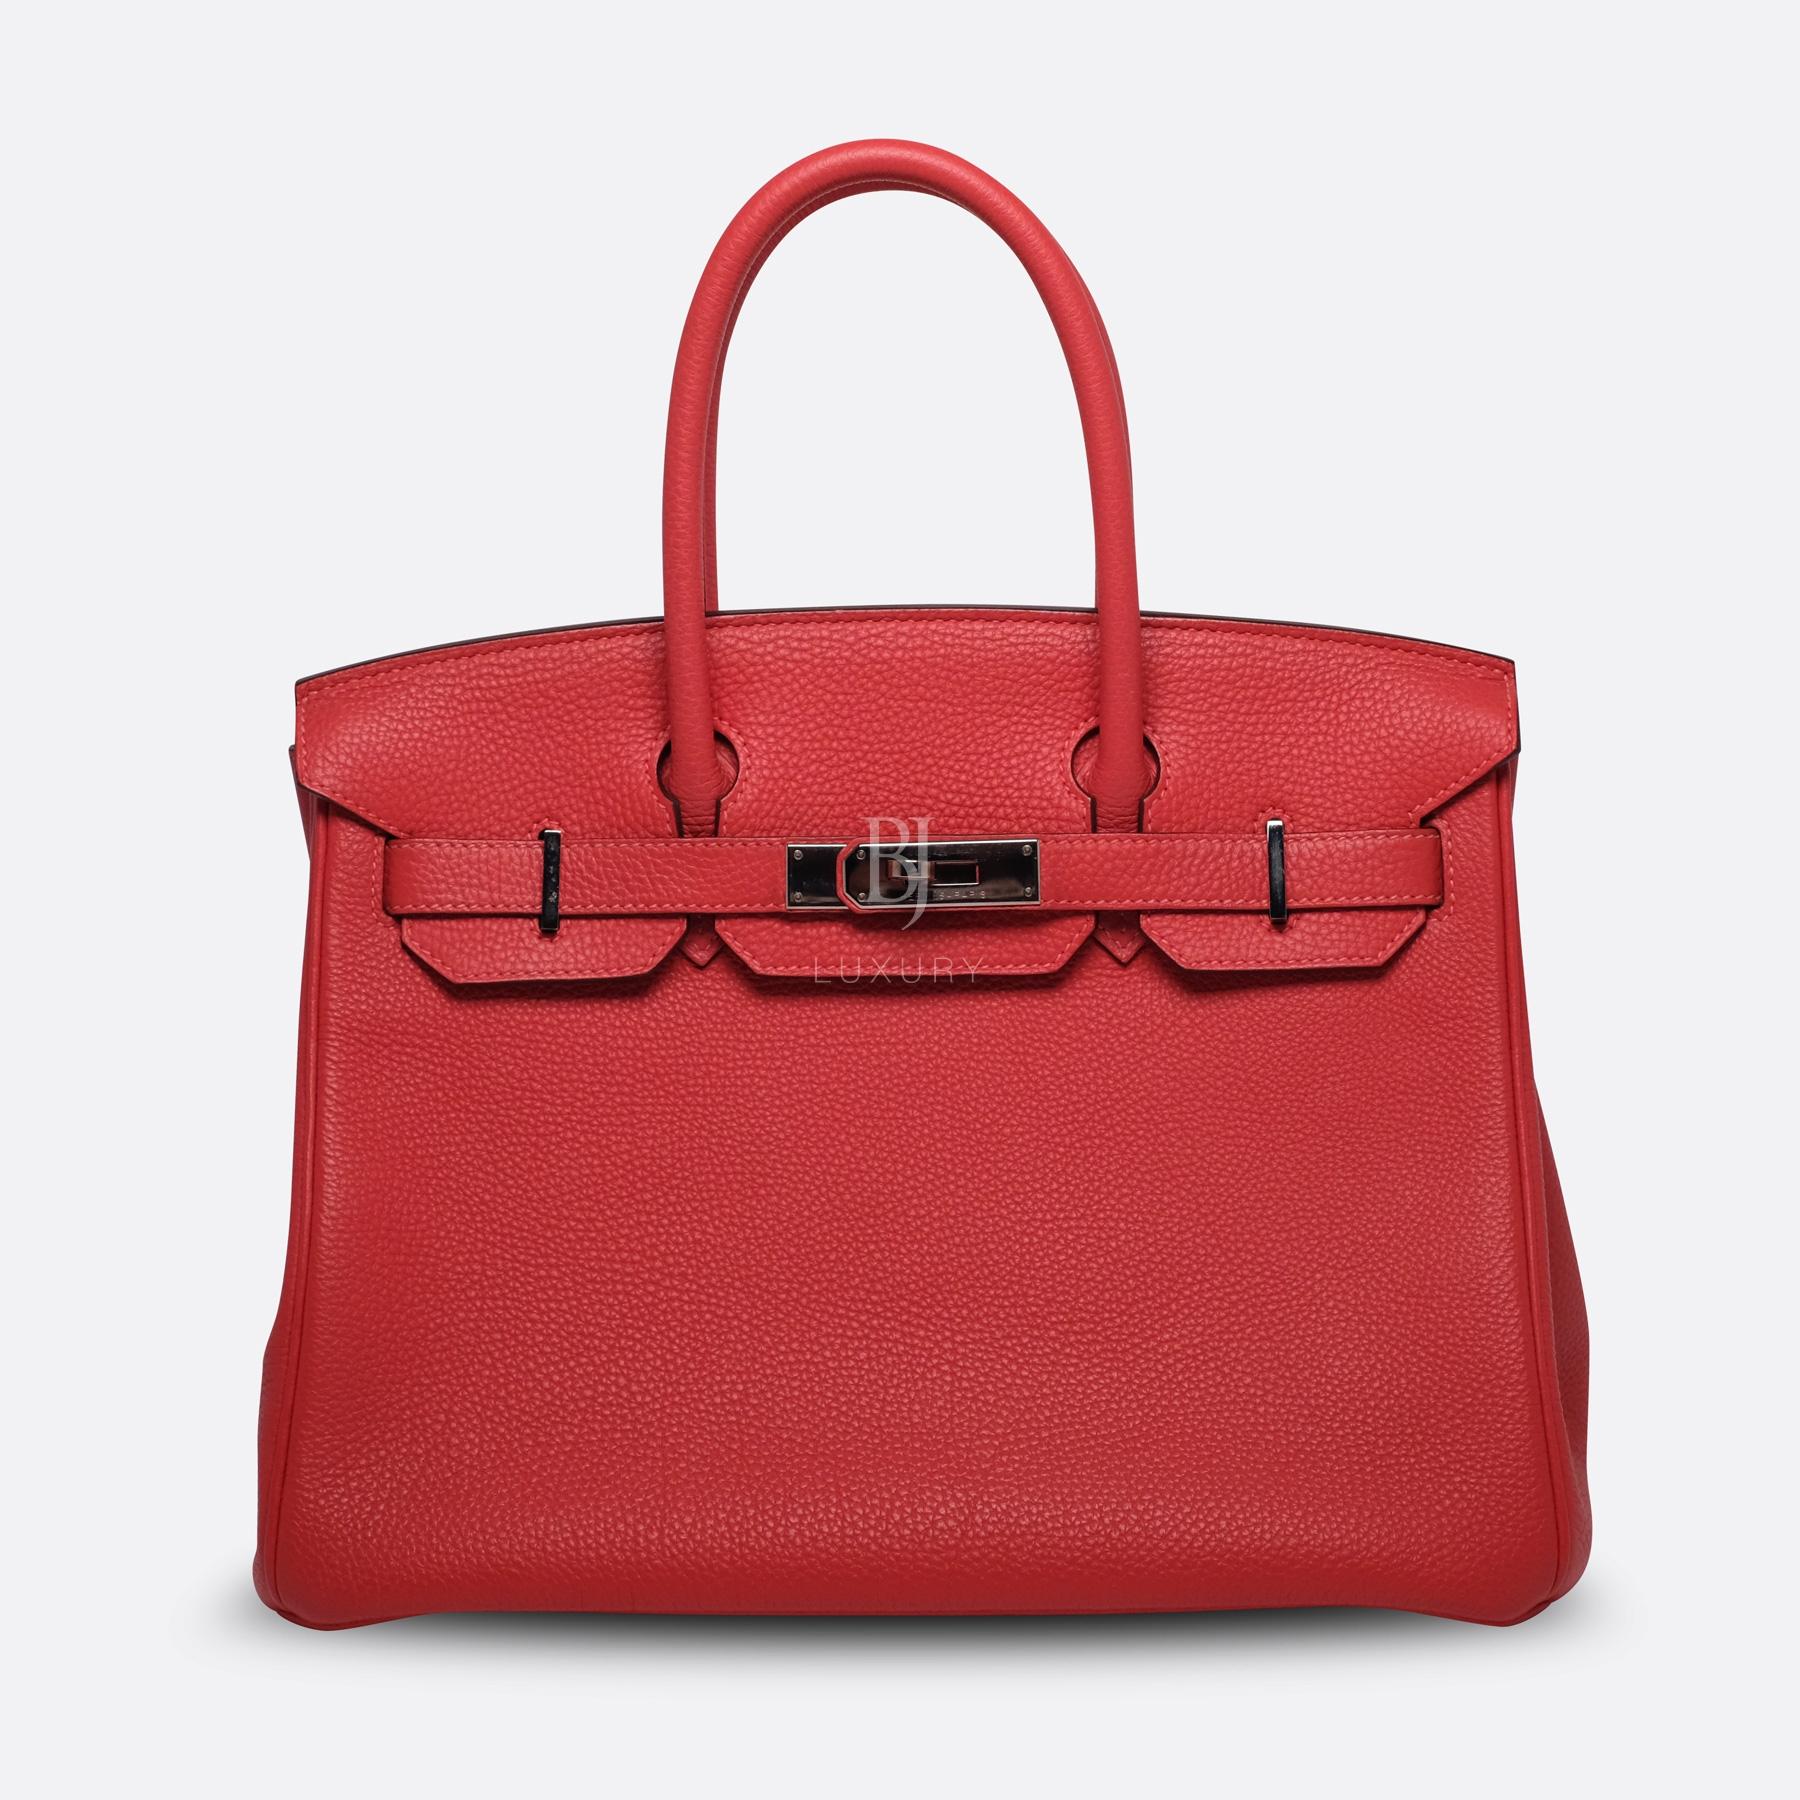 Hermes Birkin 30 Rougue Pivoine Togo Palladium BJ Luxury 10.jpg